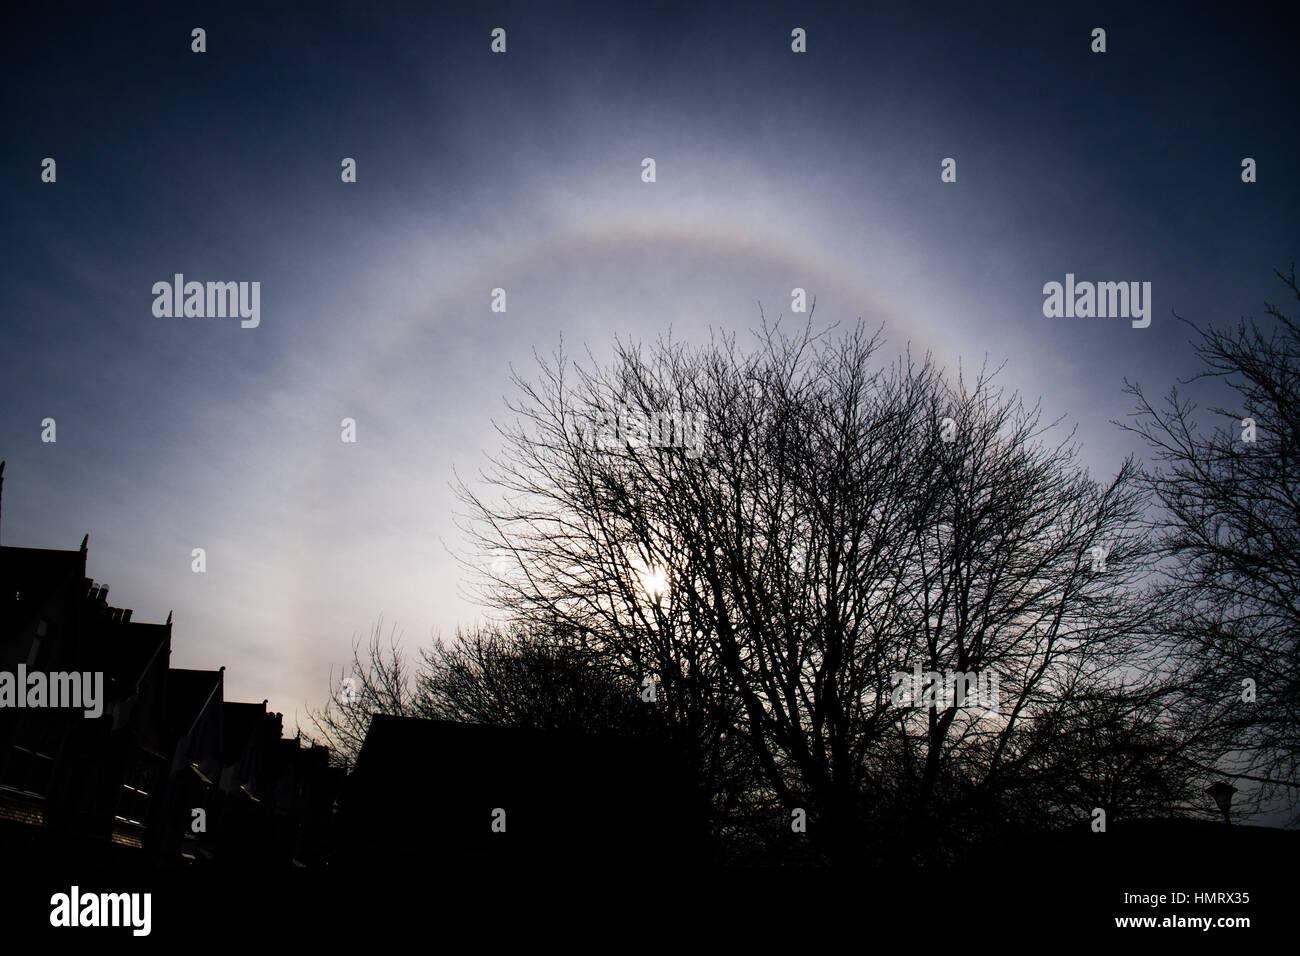 Pays de Galles Aberystwyth UK, dimanche 05 février 2017 UK Weather: par un froid matin de février Photo Stock